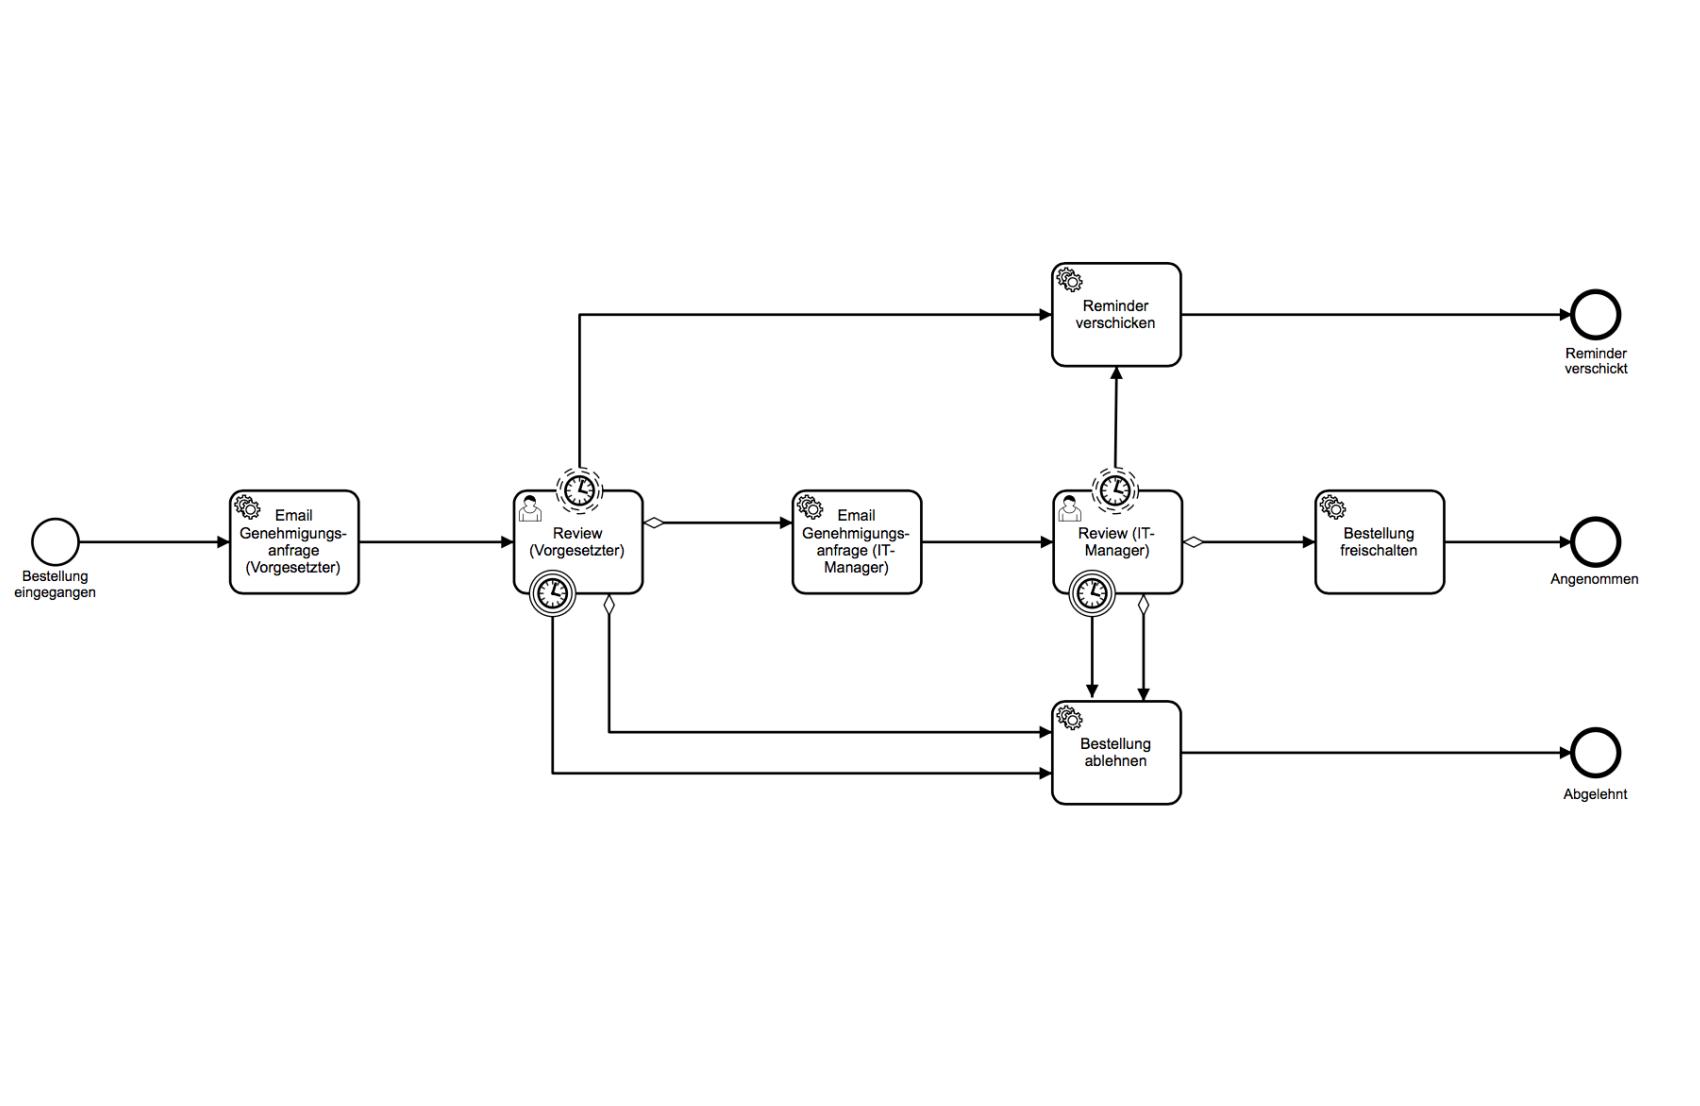 Aktueller-Workflow-(2-stufig)